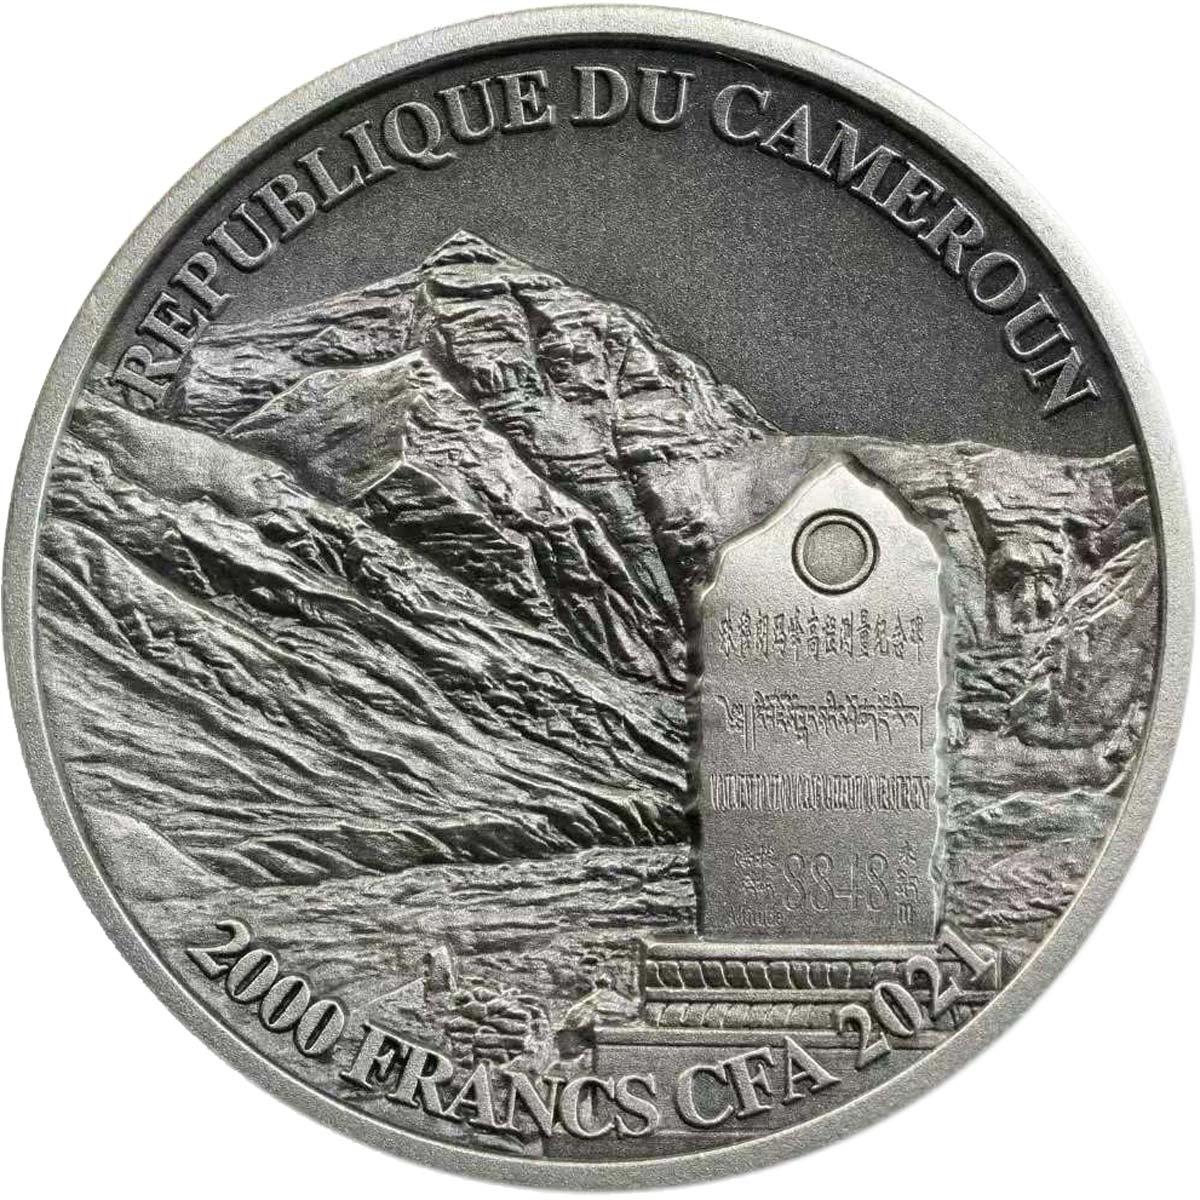 Камерун монета 2000 франков КФА Эверест, аверс